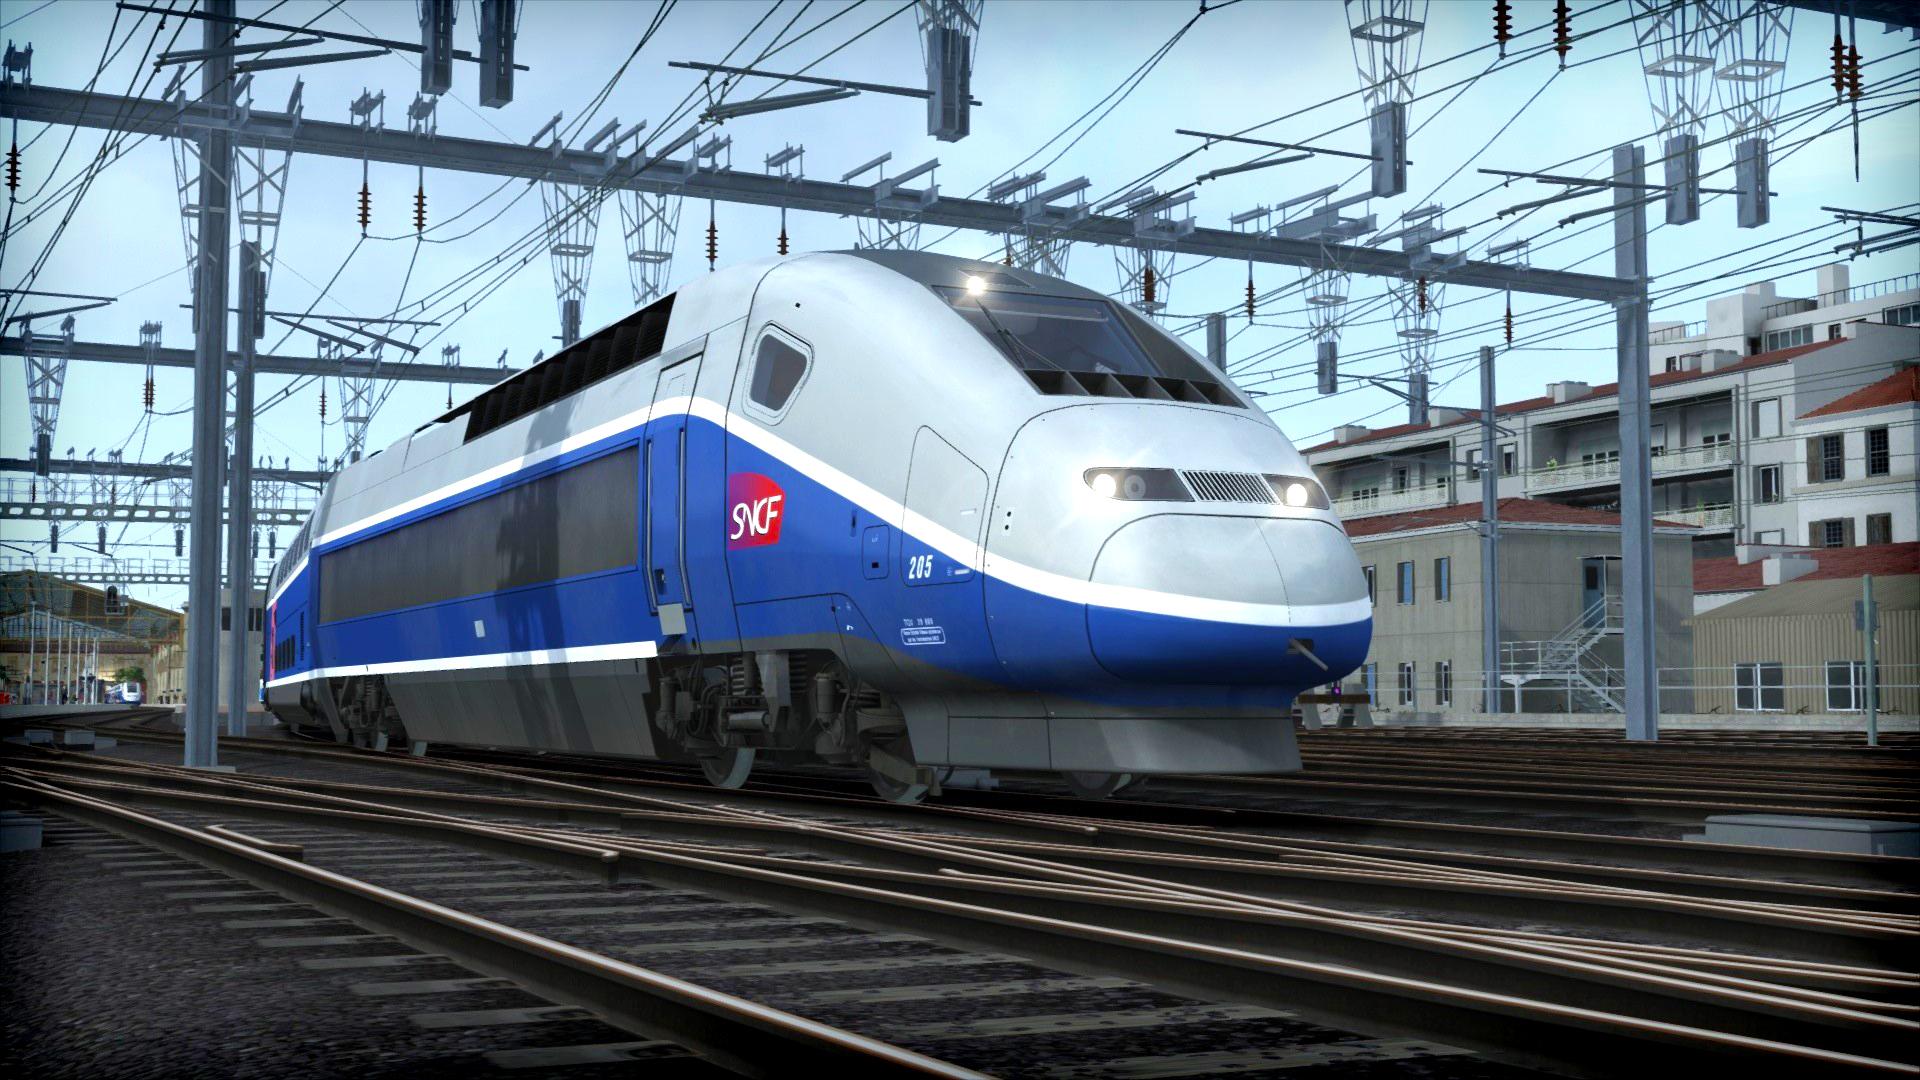 Скачать симулятор поезда 2017 с торрента